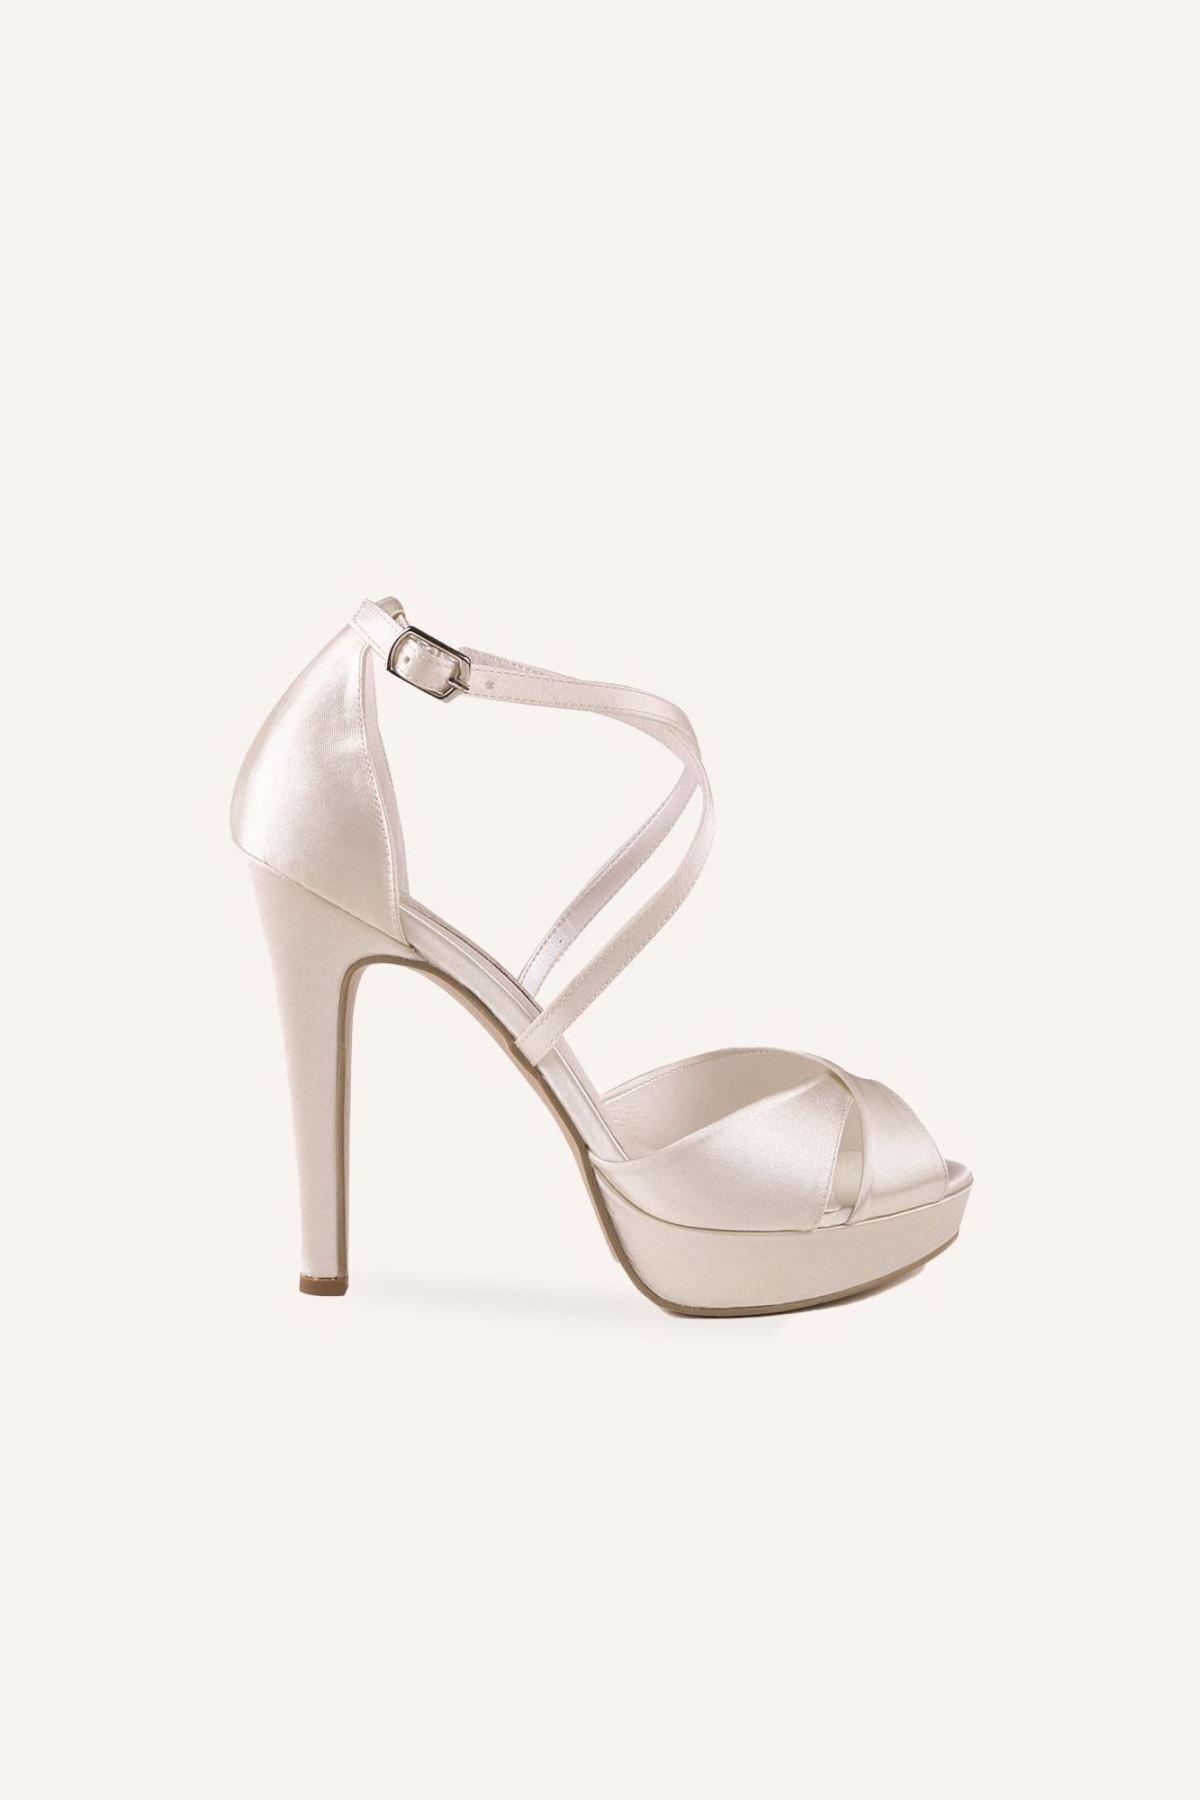 کفش پاشنه بلند مجلسی ارزان برند MARCATELLI رنگ بژ کد ty57969844